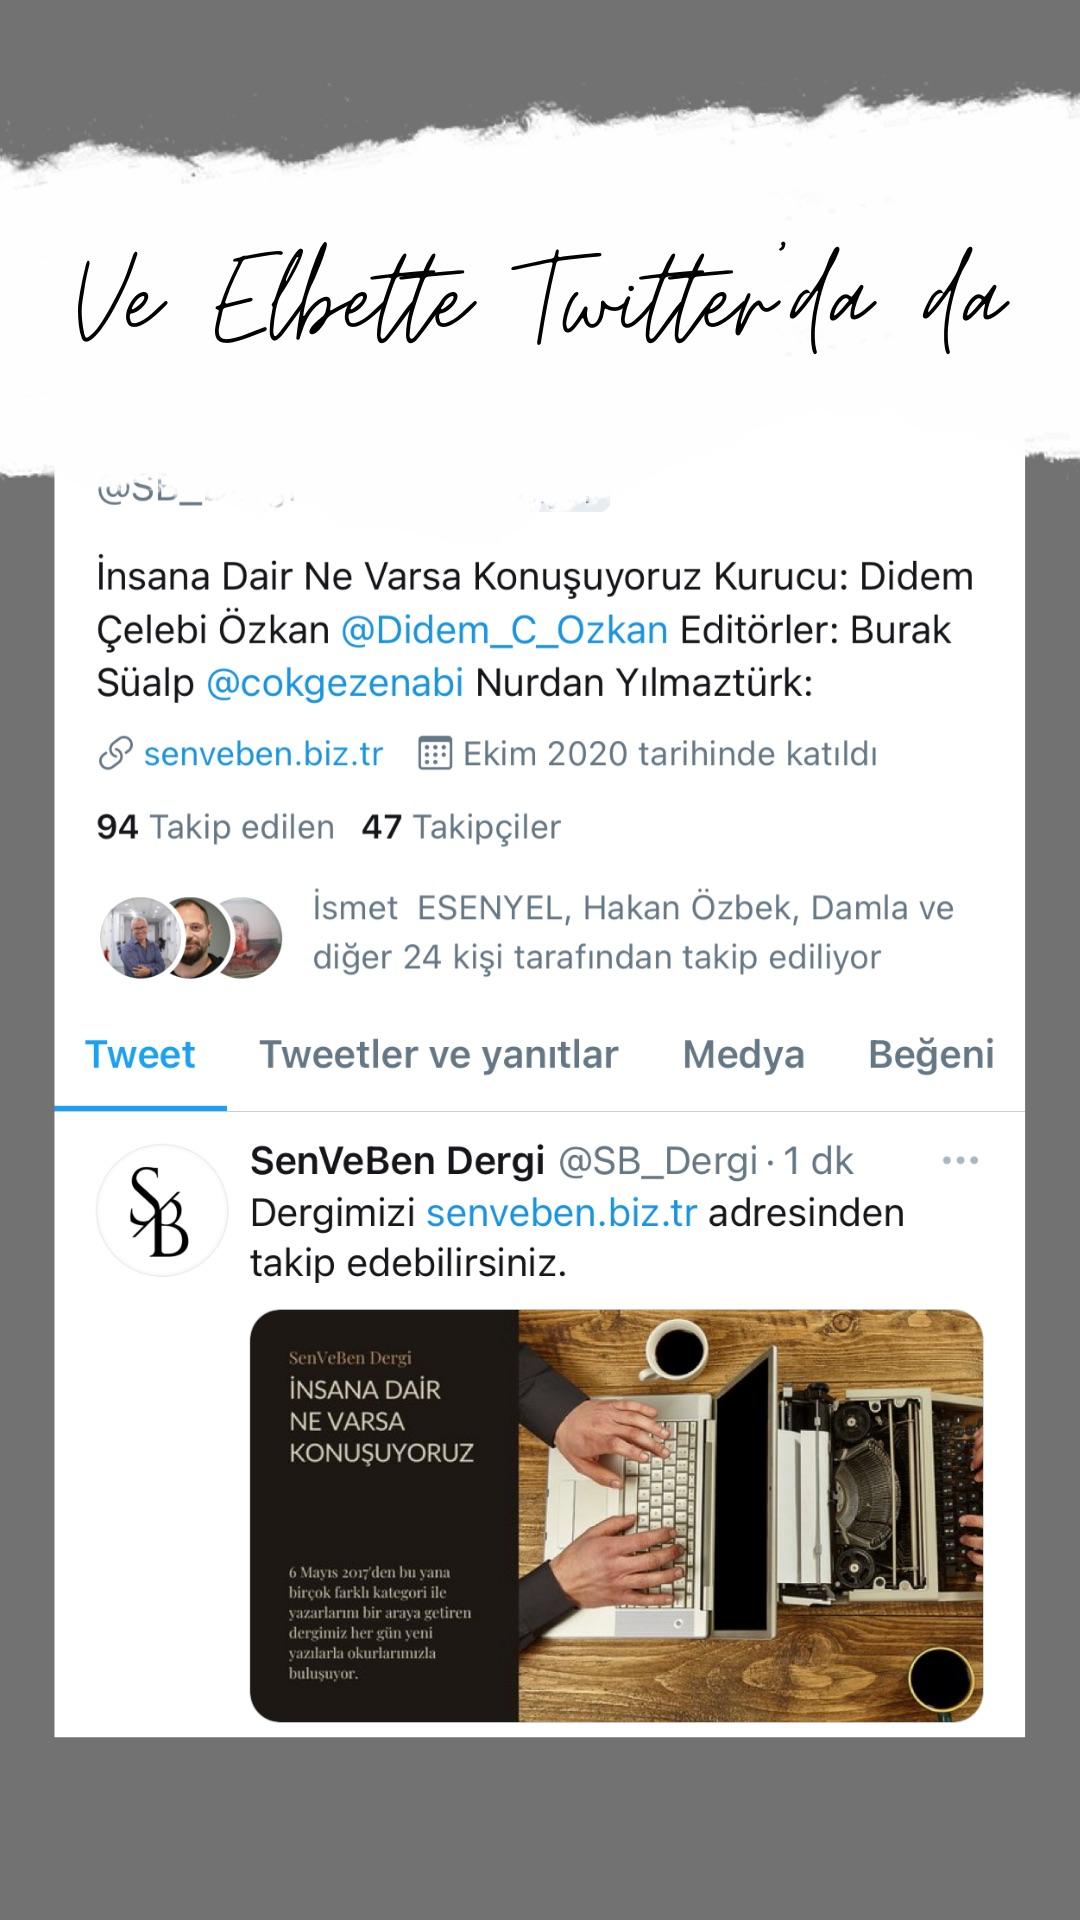 SenVeBen Twitter Hesabı Tanıtım Görseli | 1